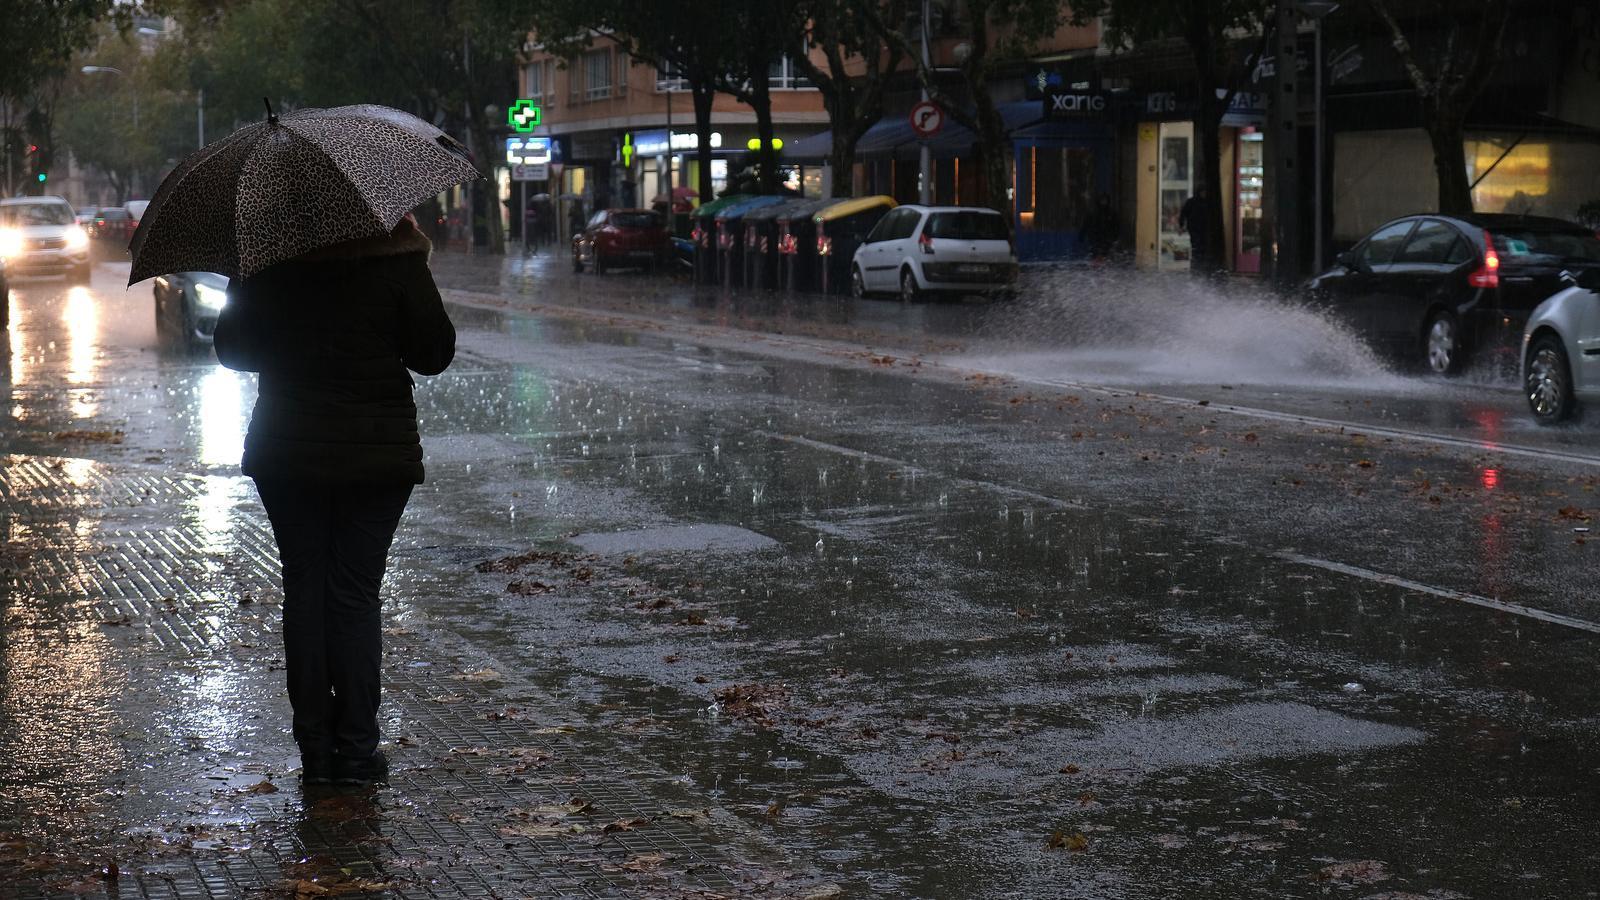 Vuit torrents desbordats i 309 incidents per les fortes pluges a les Illes Balears.